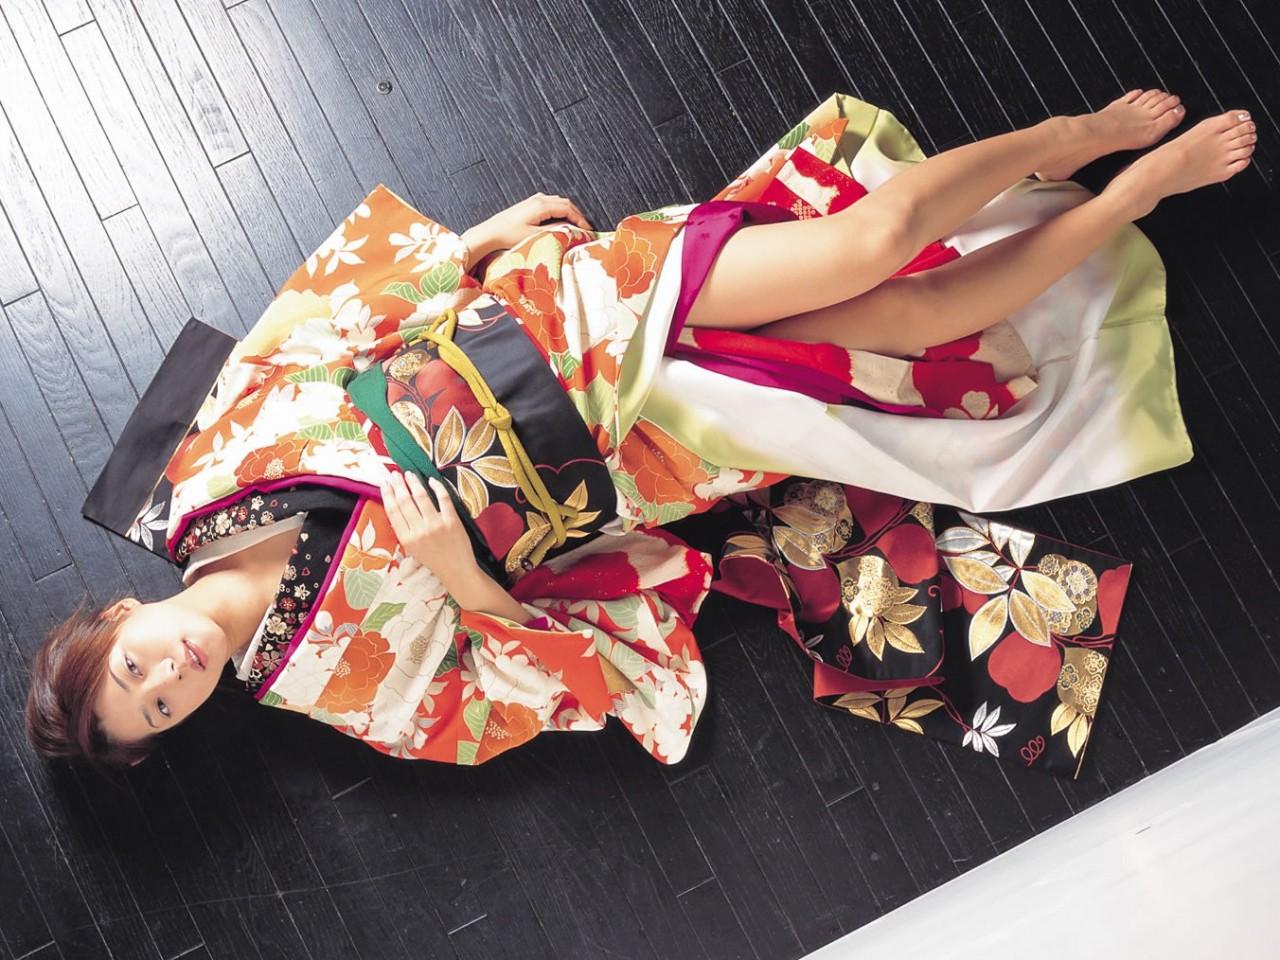 Кимоно — чарующая прелесть женственности